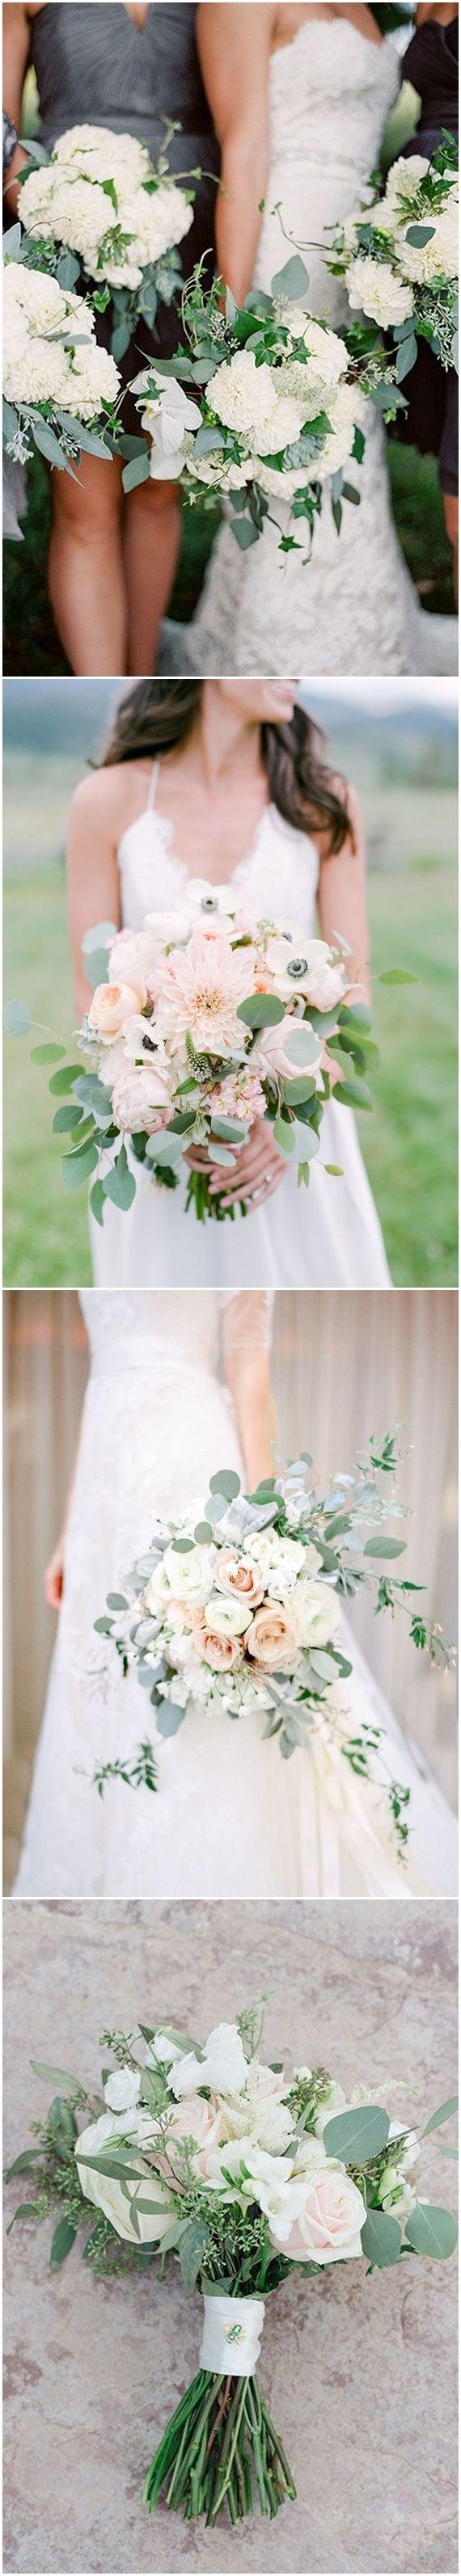 48 Eucalyptus Wedding Decor Ideas for 2018 | Green weddings ...